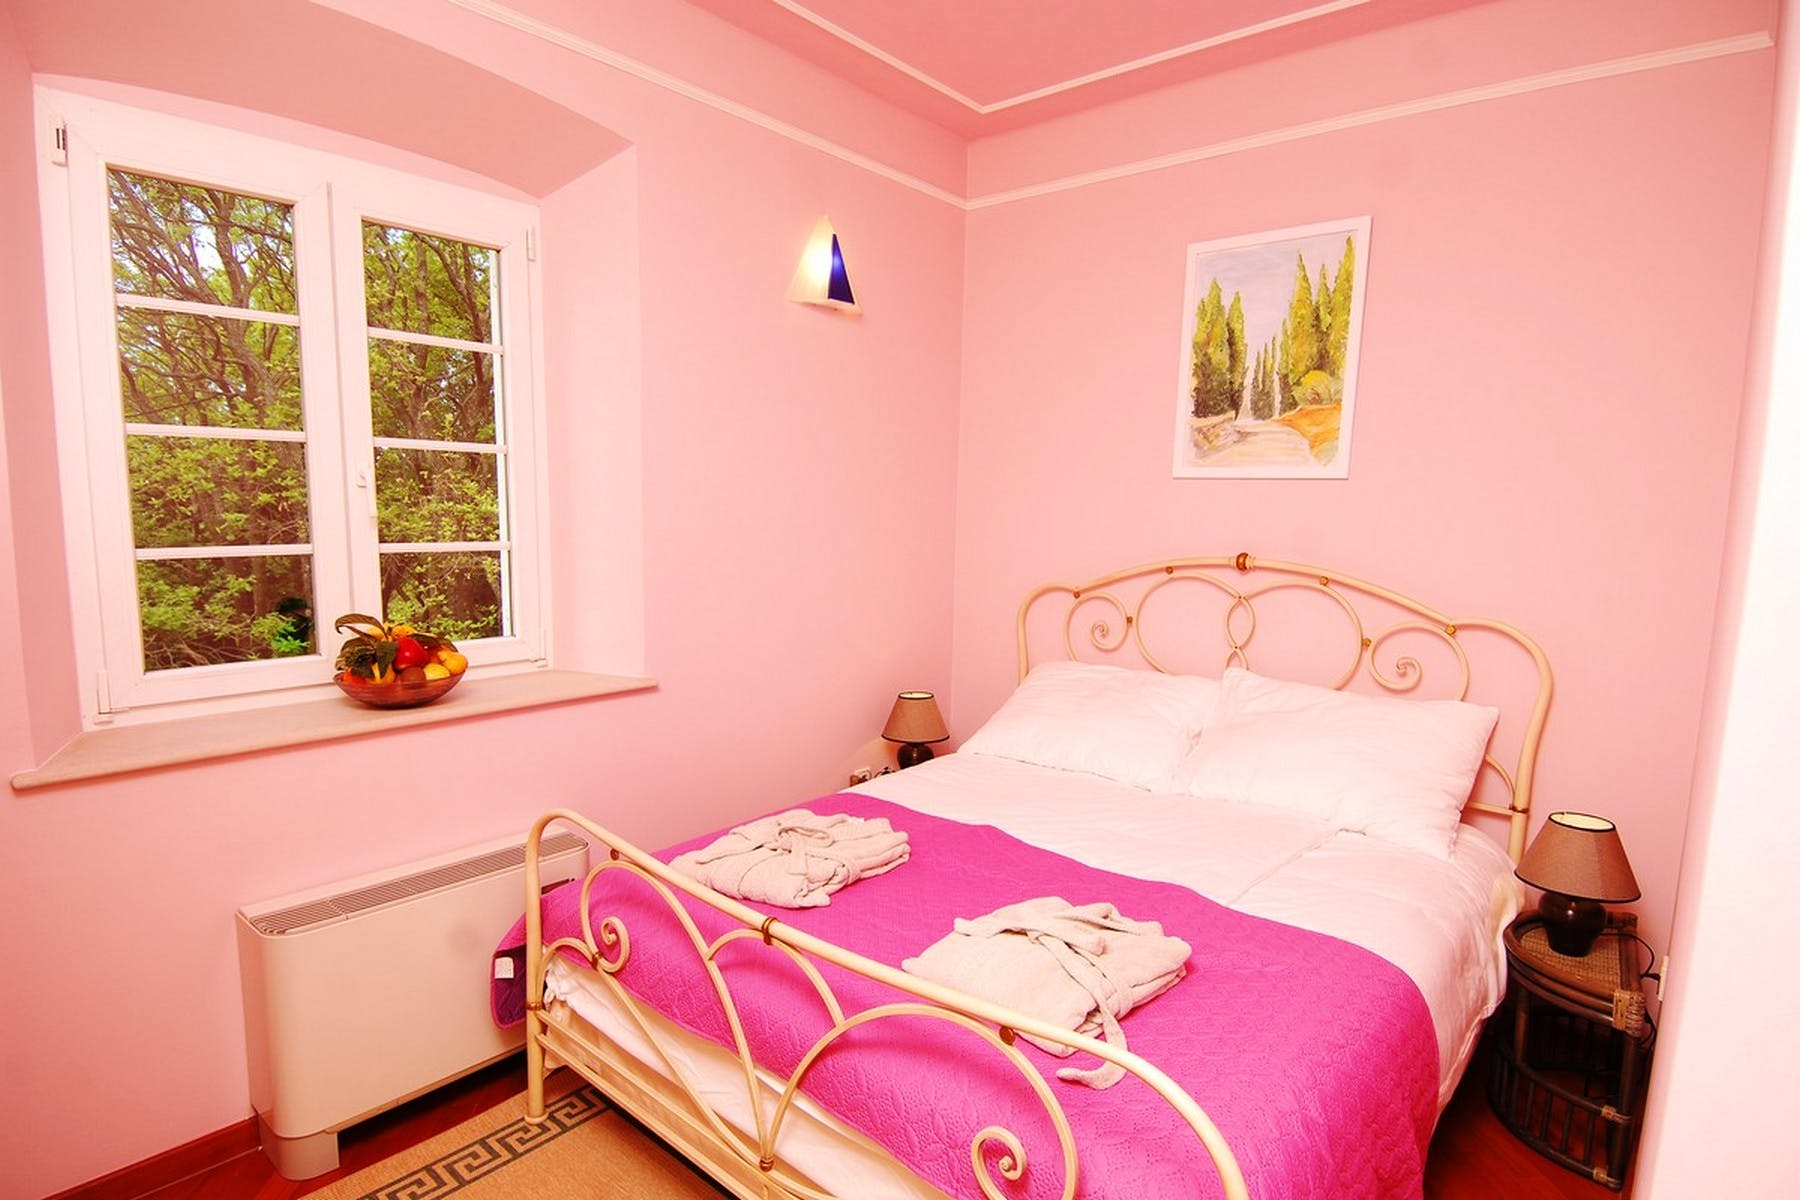 Double bedroom in pink